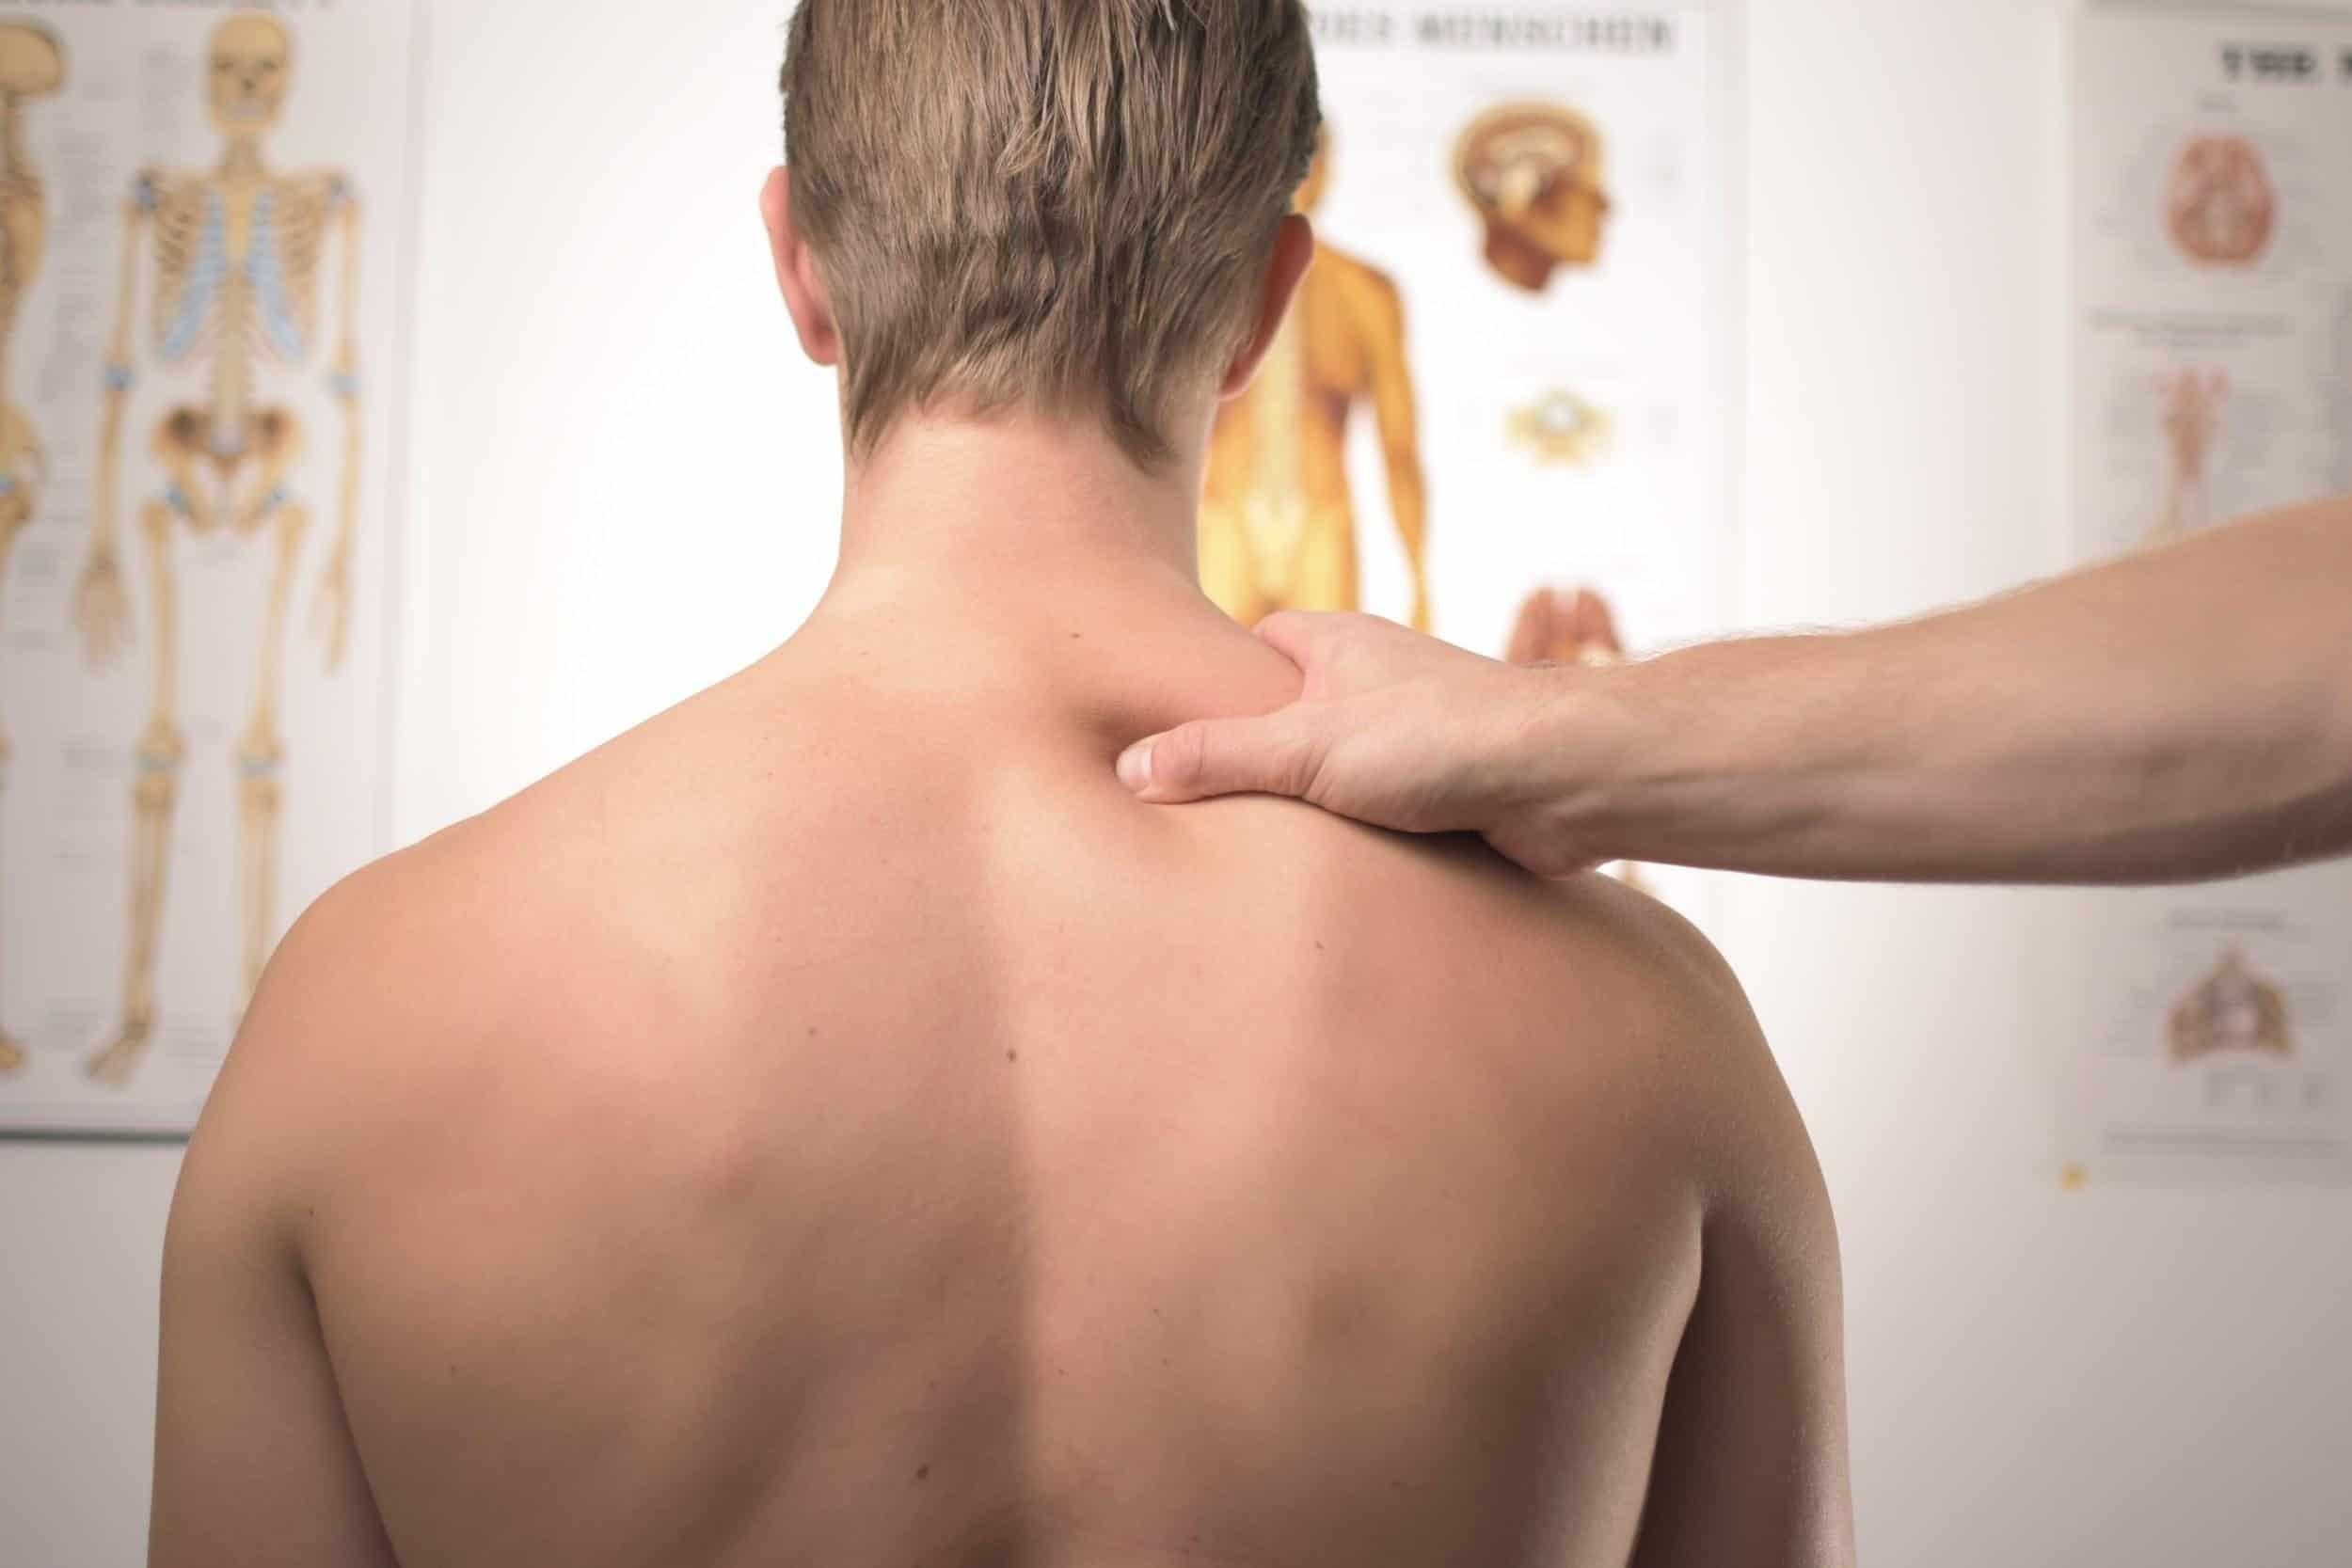 musculoskeletal damage